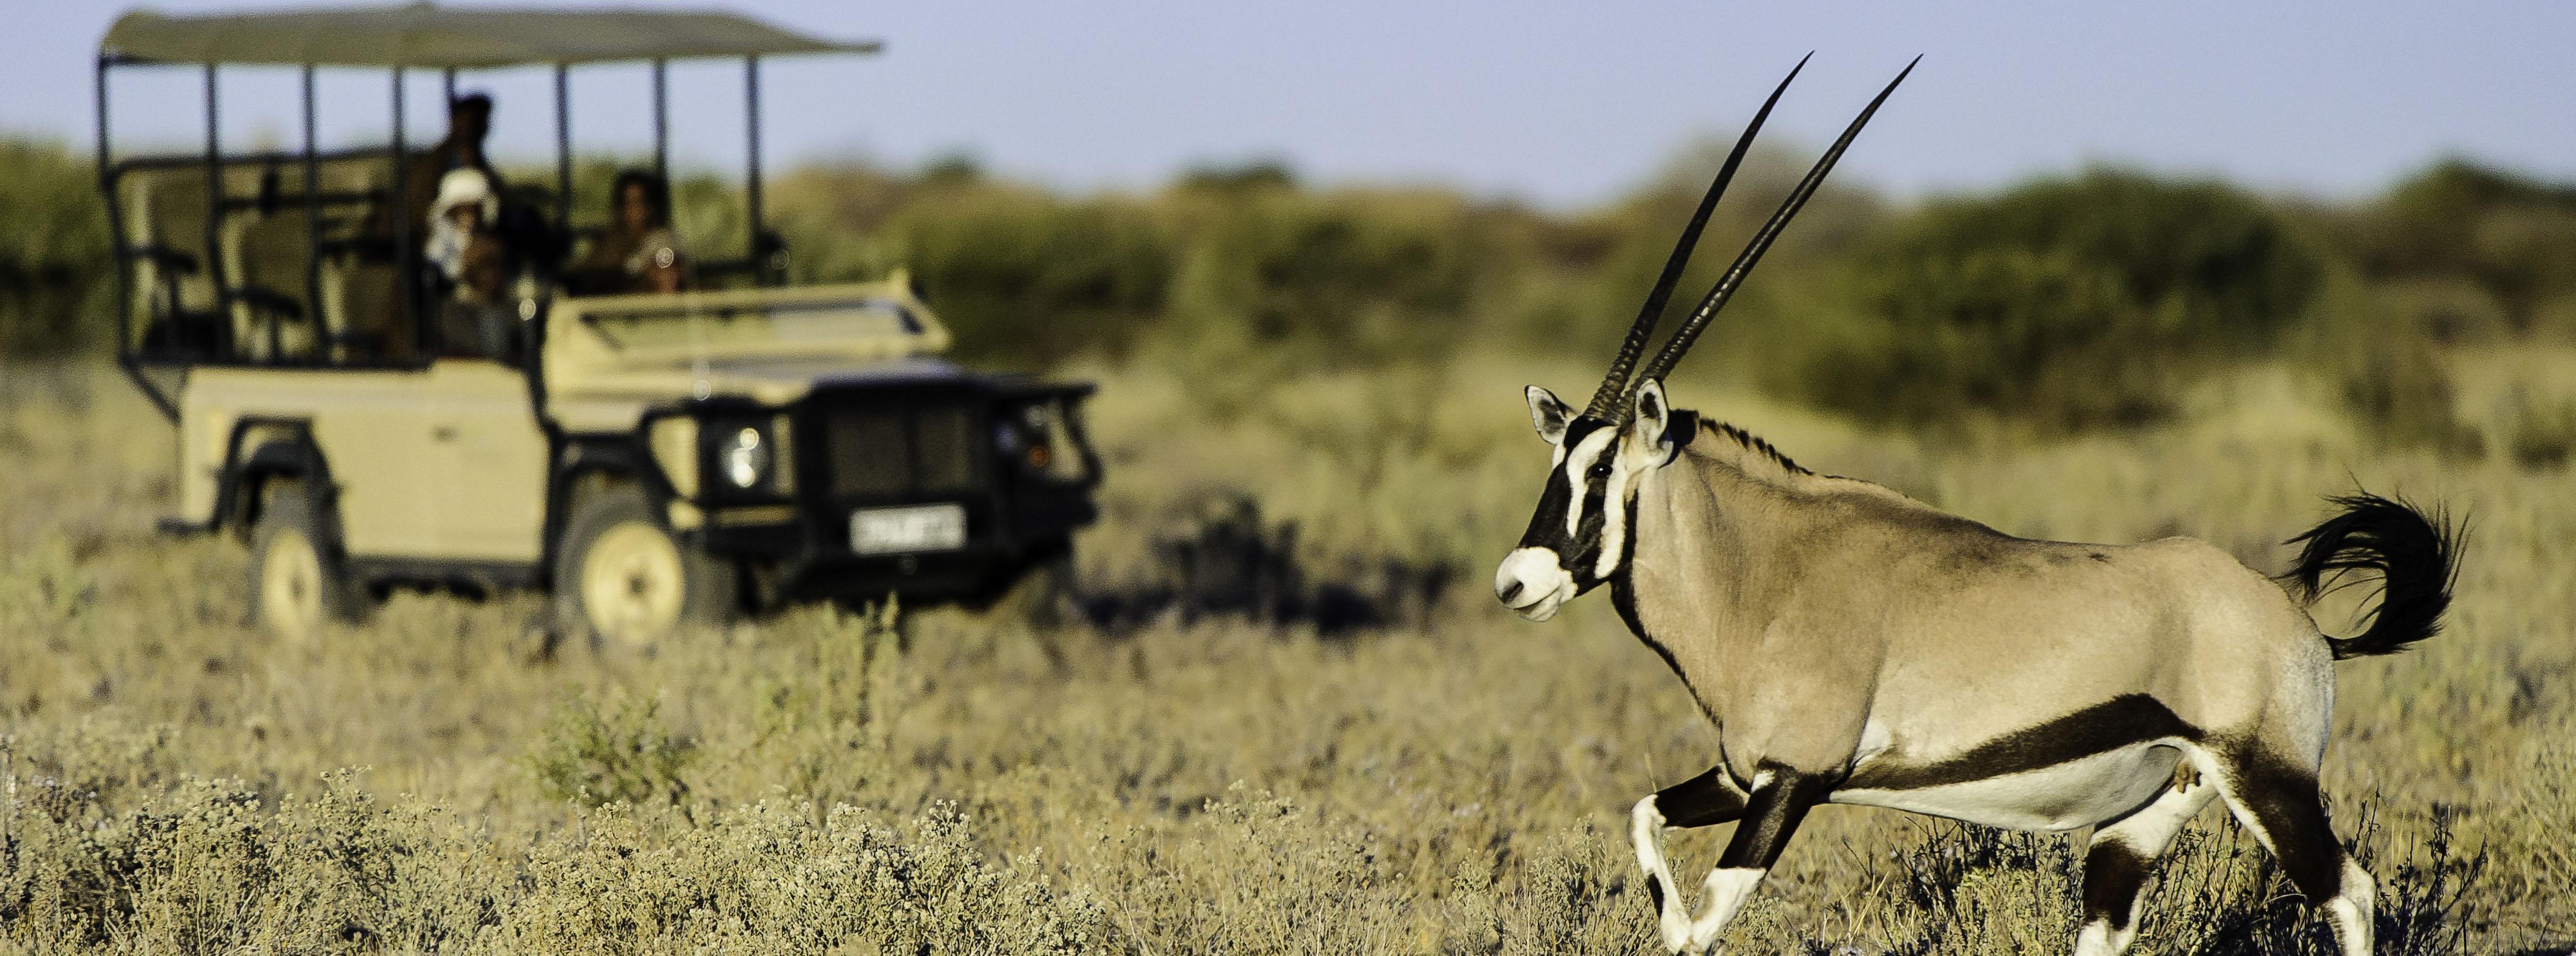 Camp_Kalahari_UA_BSC_13